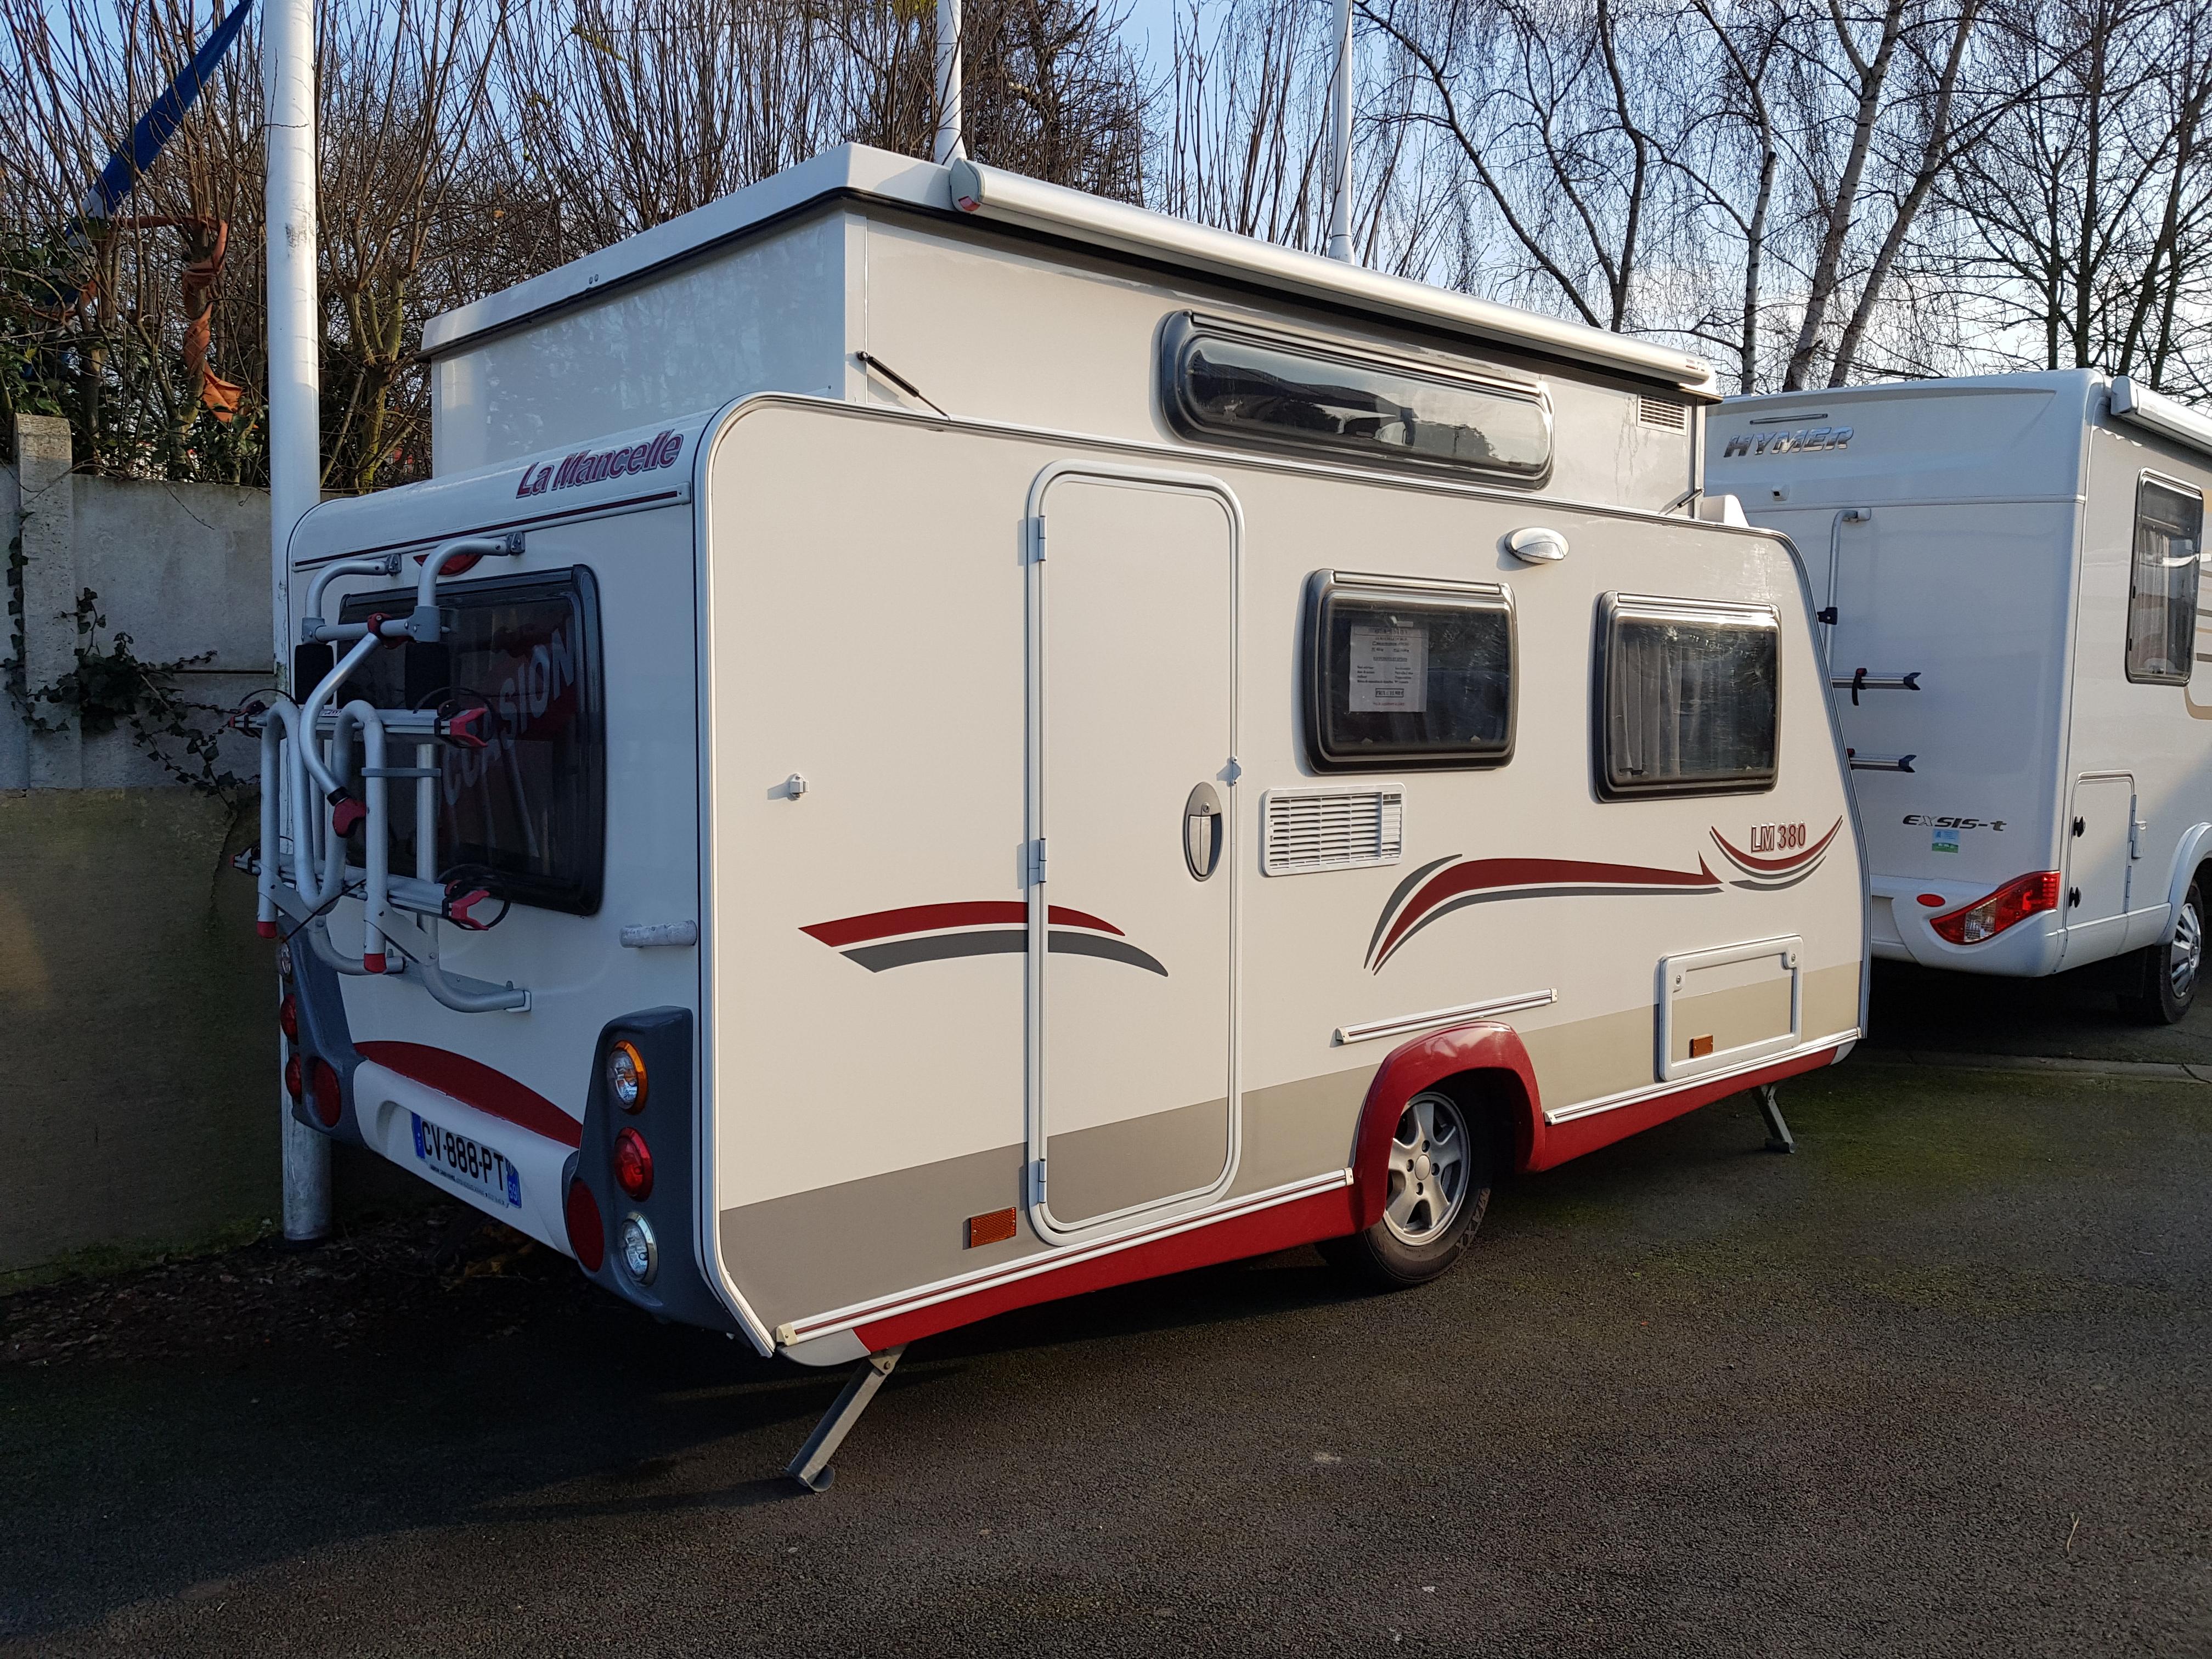 la mancelle lm 380 cp occasion de 2013 caravane en vente cuinchy pas de calais 62. Black Bedroom Furniture Sets. Home Design Ideas